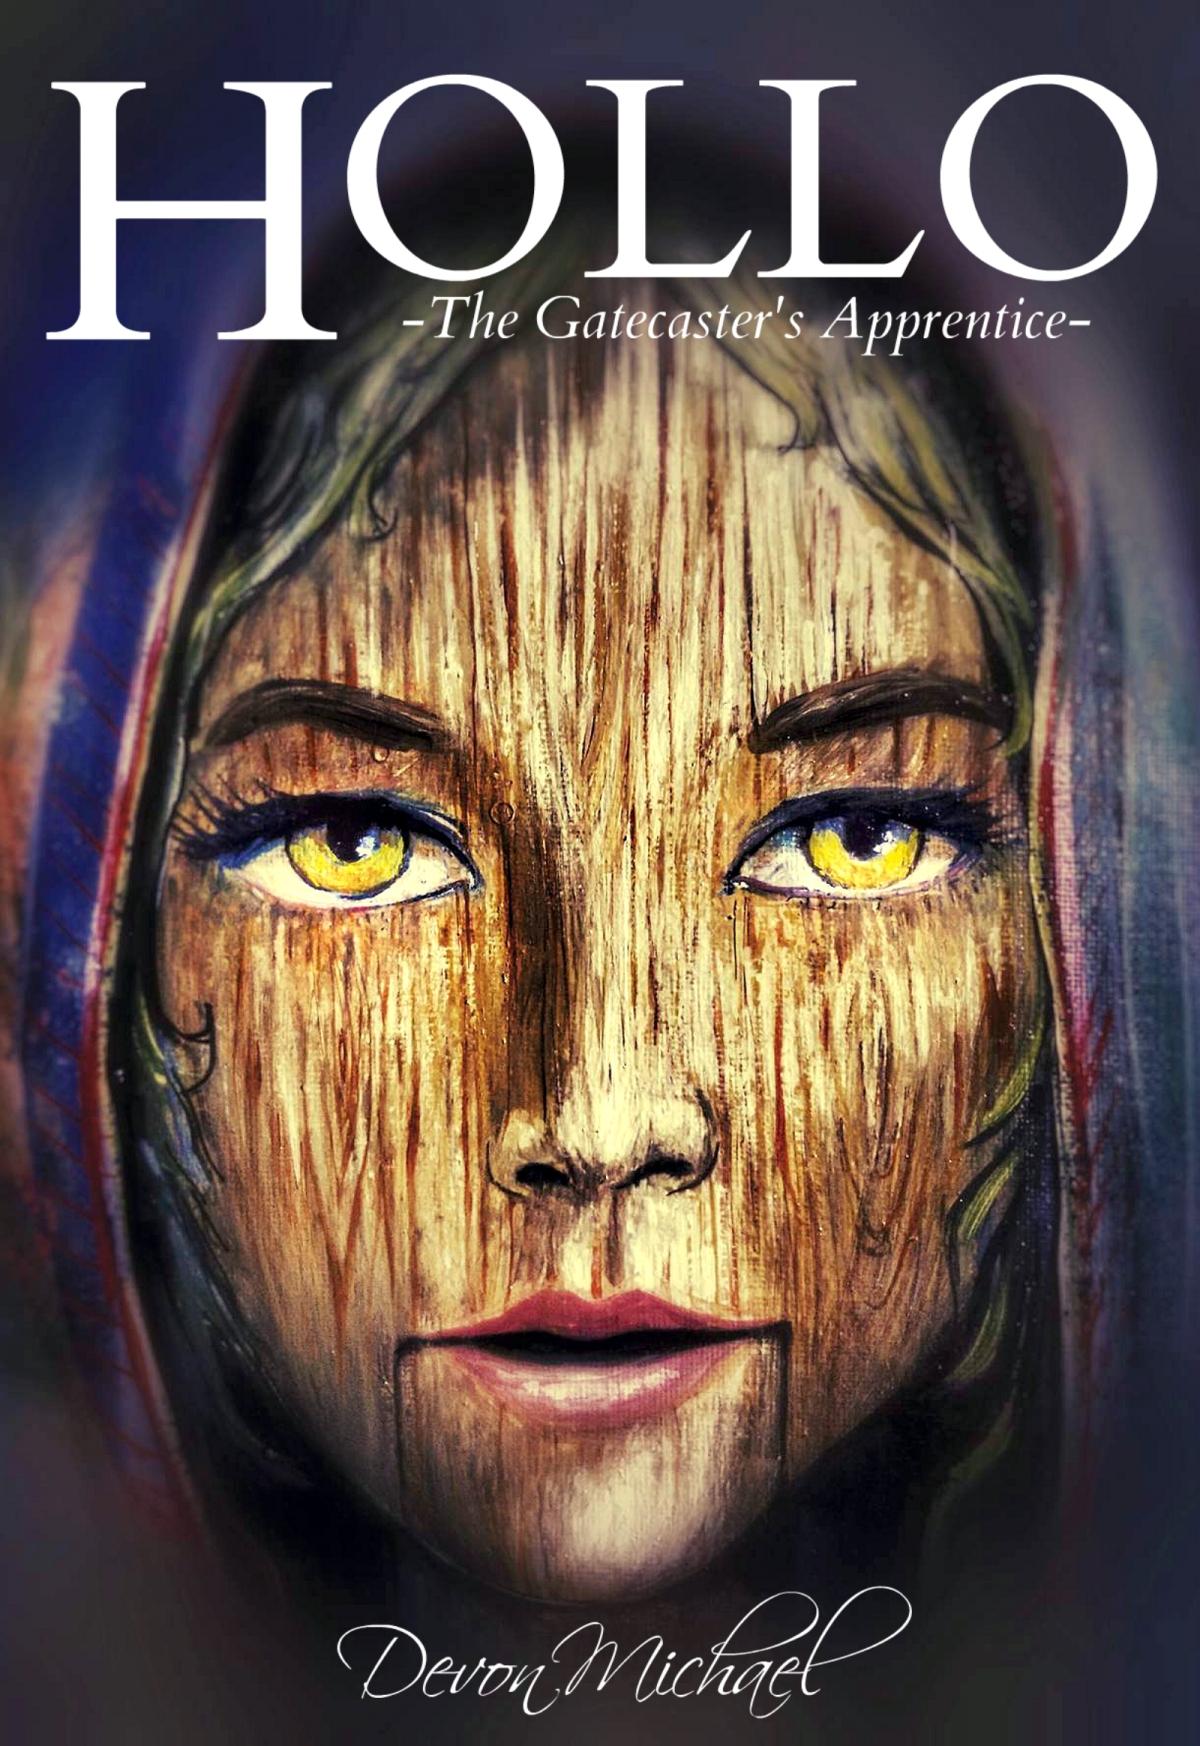 Hollo: The Gatecaster's Apprentice, by Devon Michael: AReview